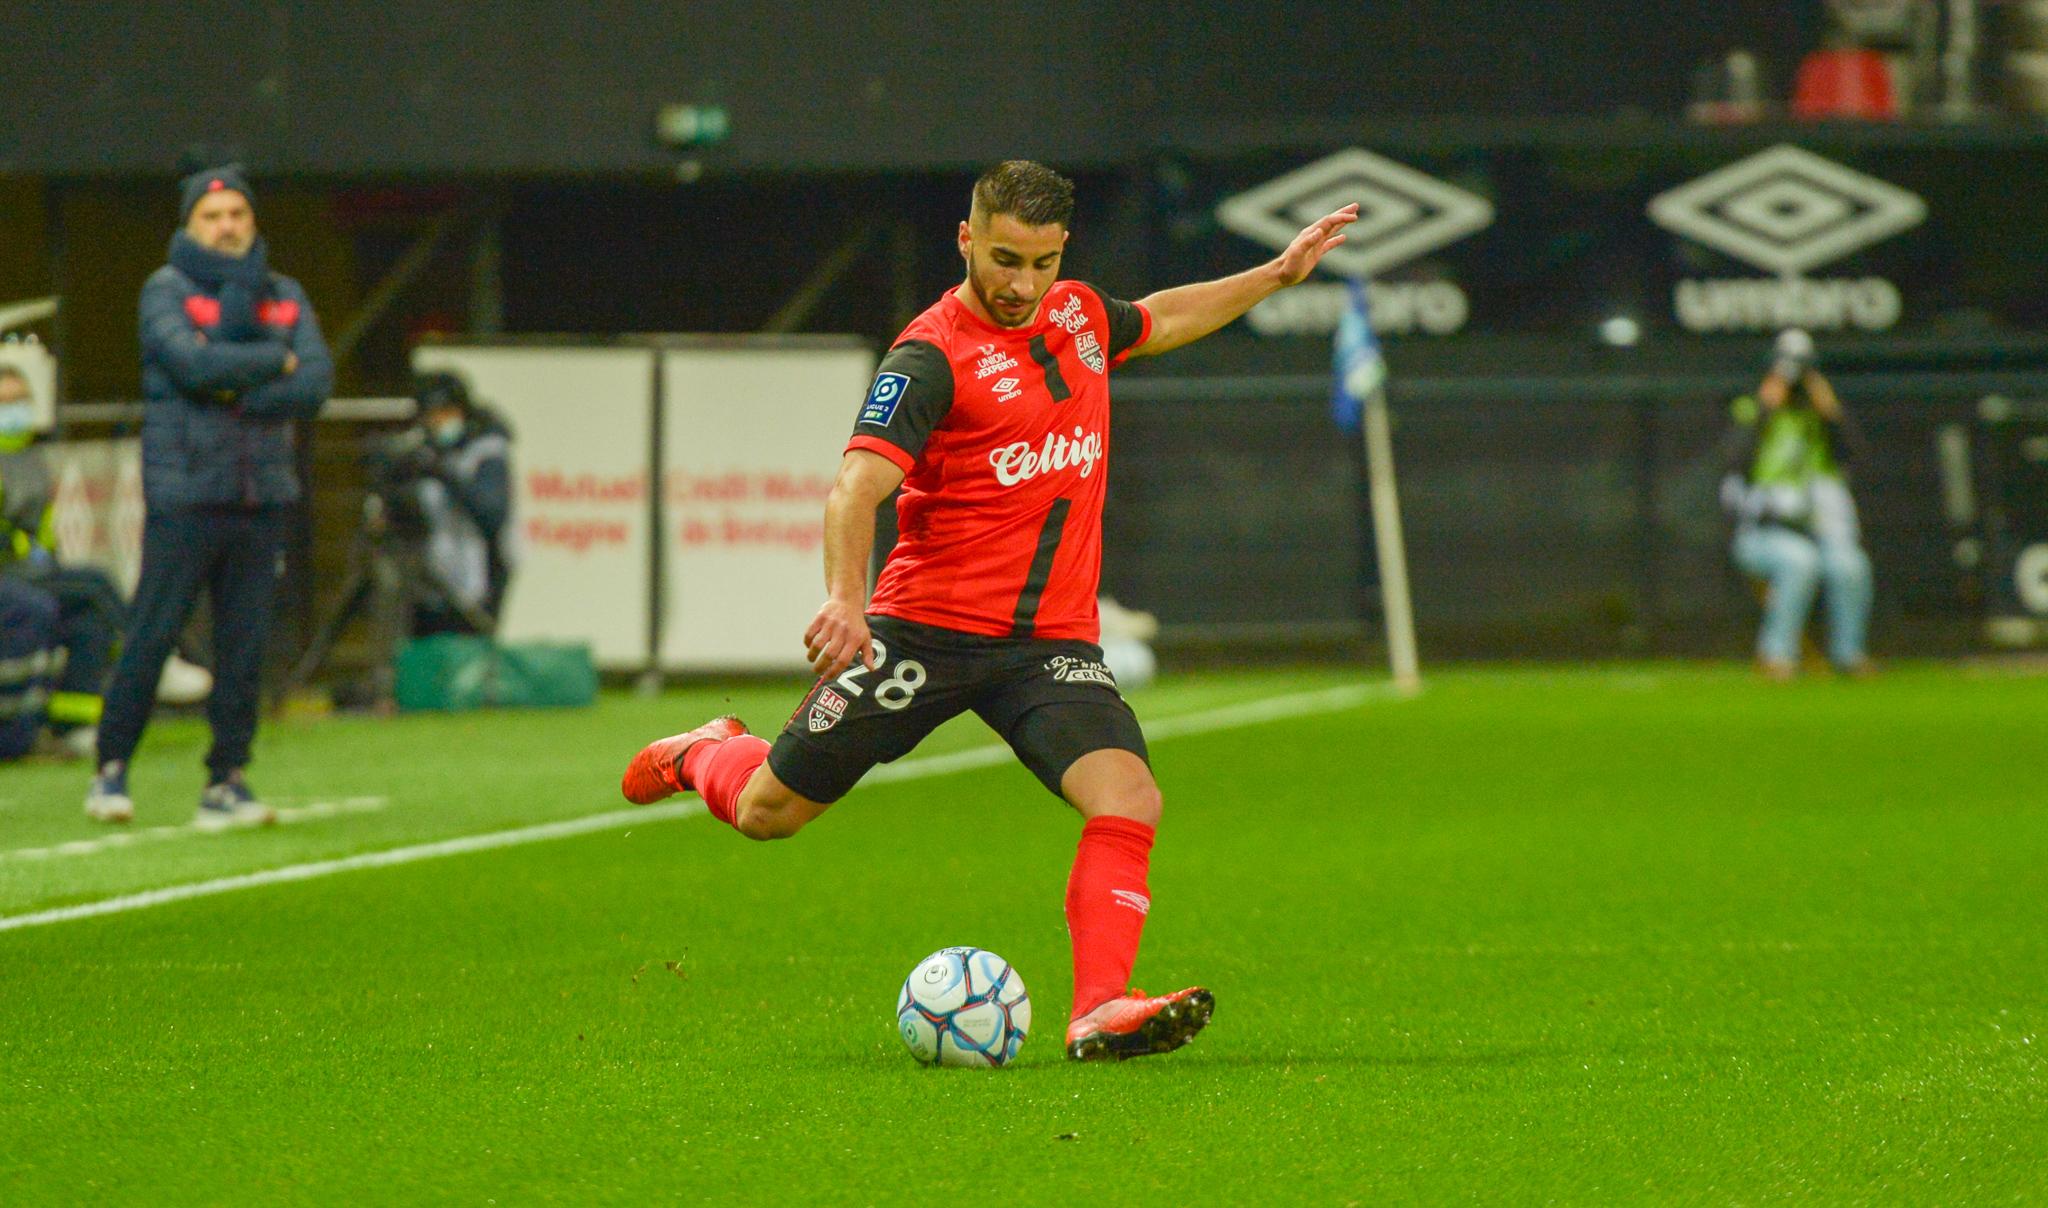 9 EA Guingamp SM Caen 2-2 Ligue 2 BKT Journée 26 2020-21 22 02 2021 EAGSMC